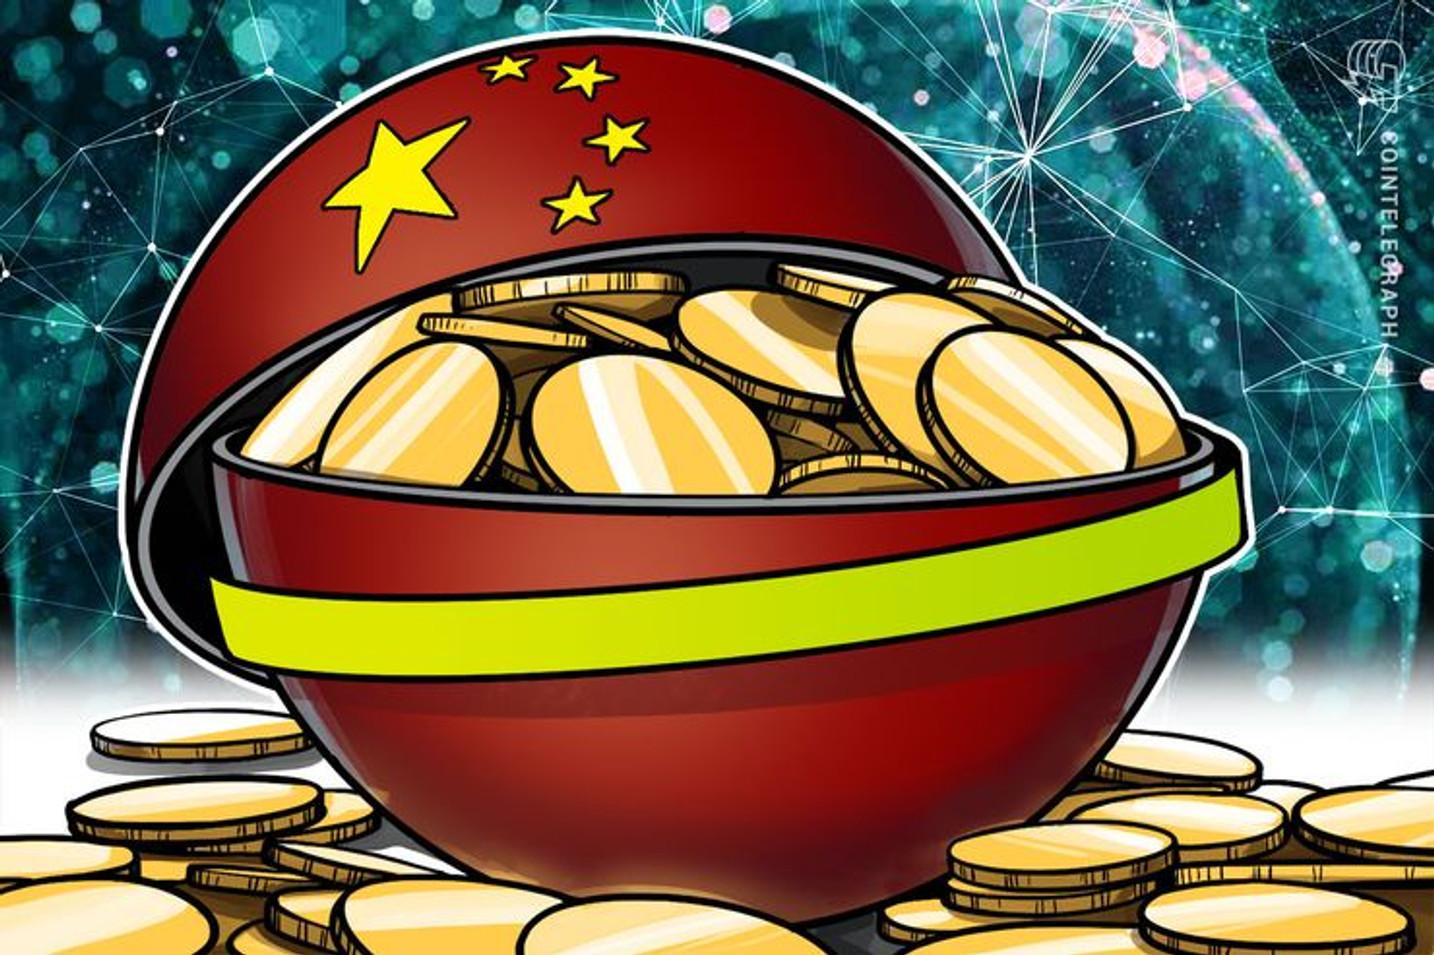 中国の蘇州市が165億円規模のブロックチェーンファンド設立  仮想通貨プロジェクト誘致狙う